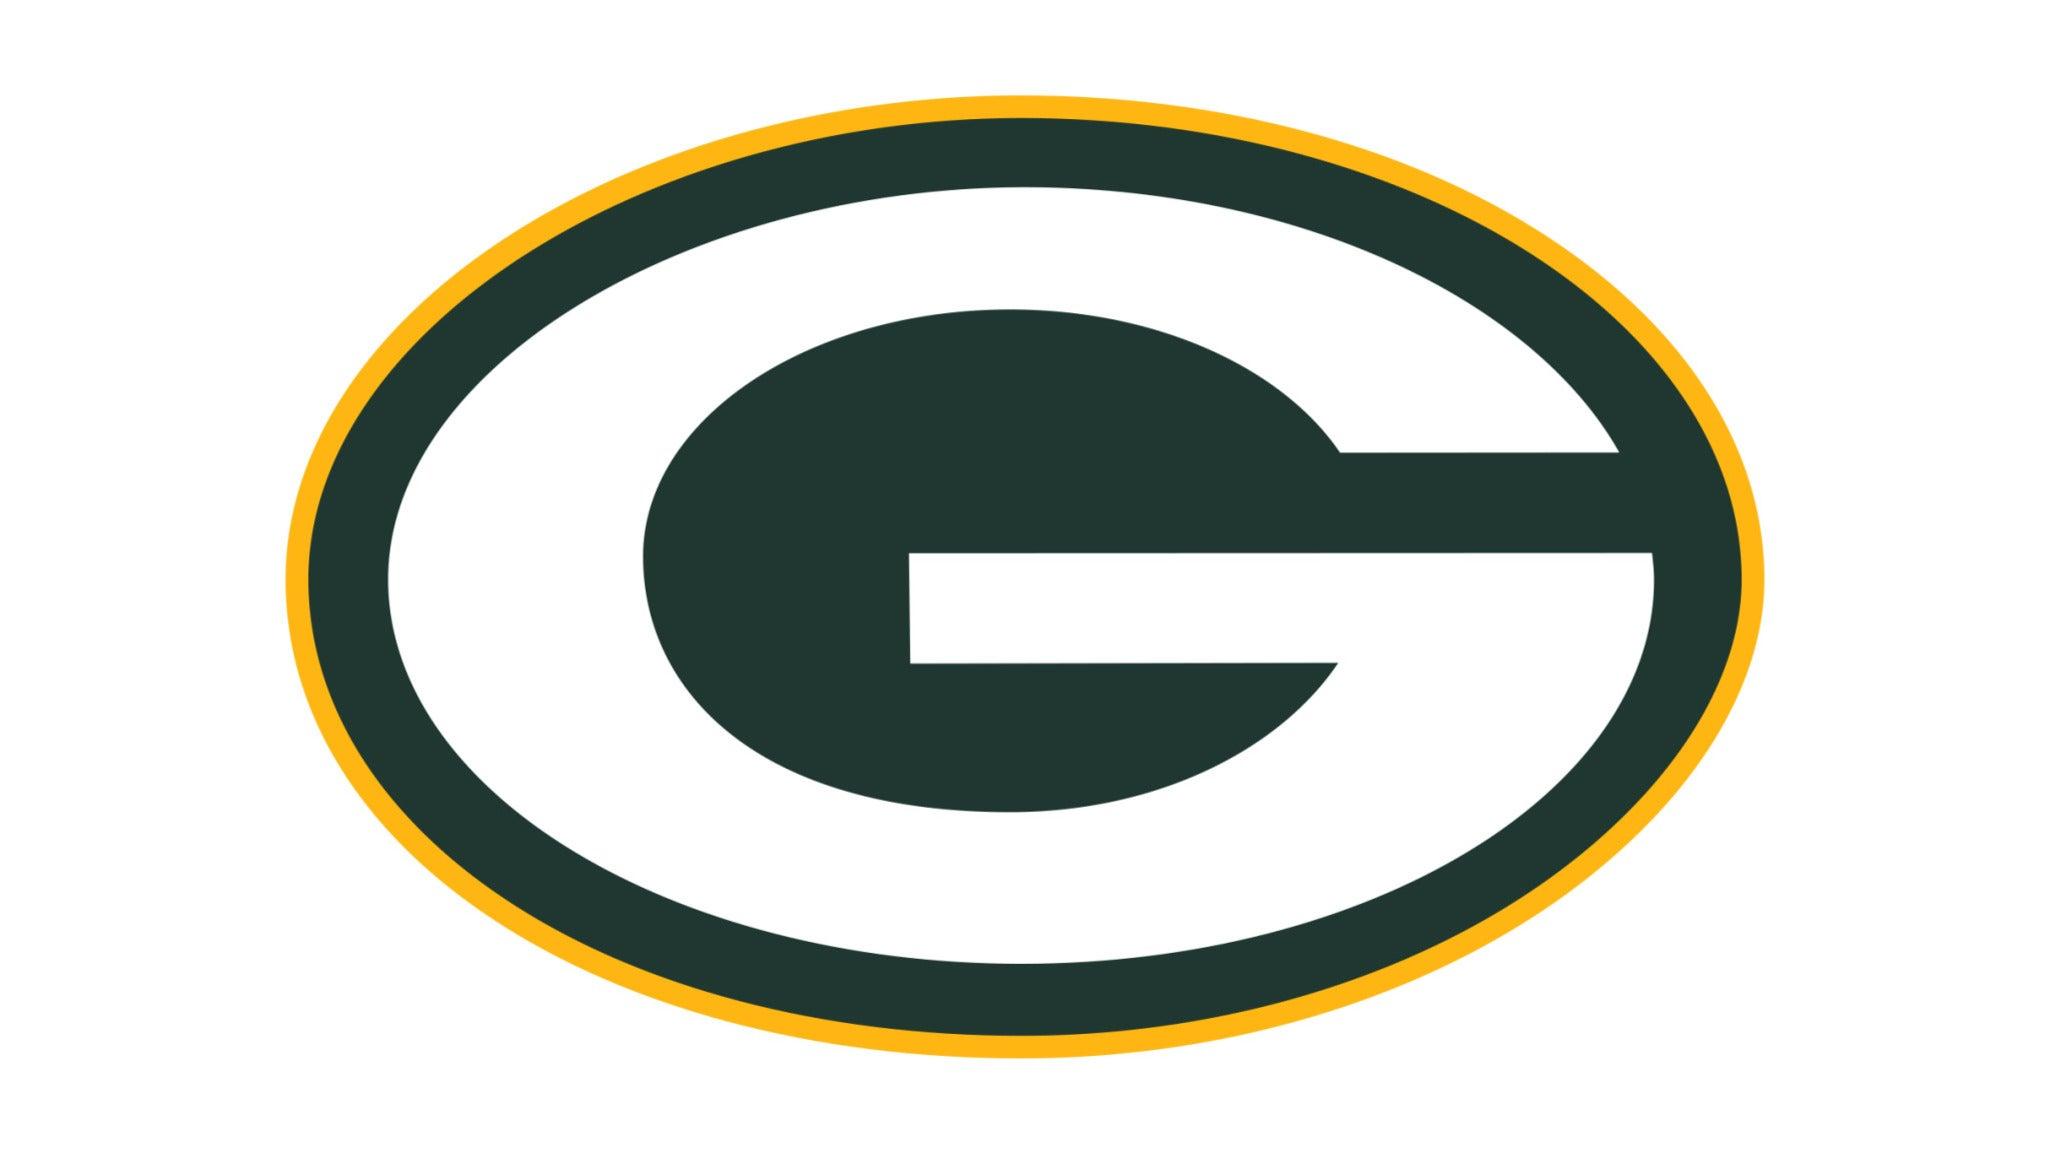 Green Bay Packers vs. Cincinnati Bengals at Lambeau Field